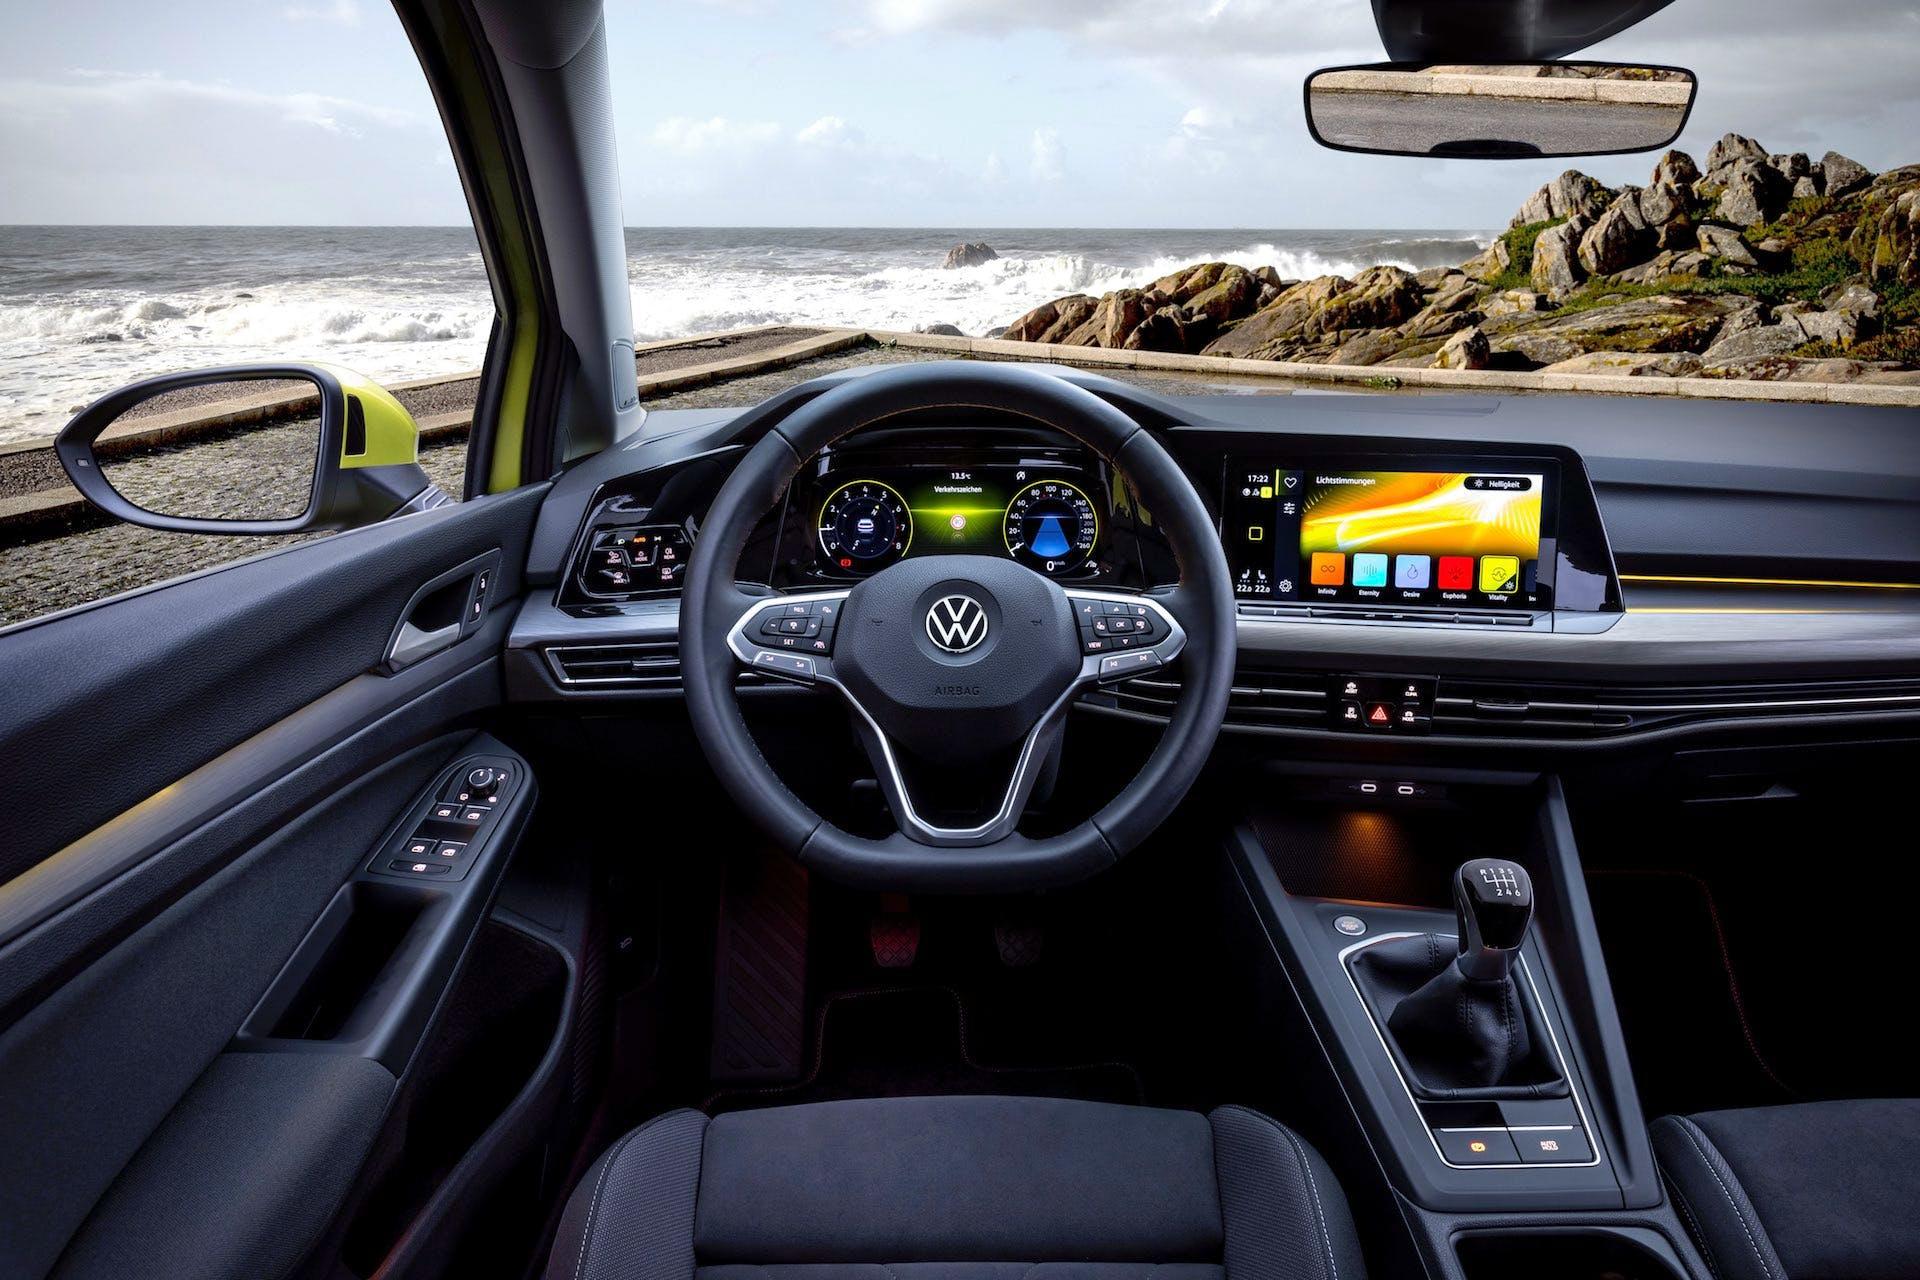 Vista centrale dell'abitacolo della nuova Volkswagen Golf 8. Dalla portiera del guidatore al tunnel centrale.